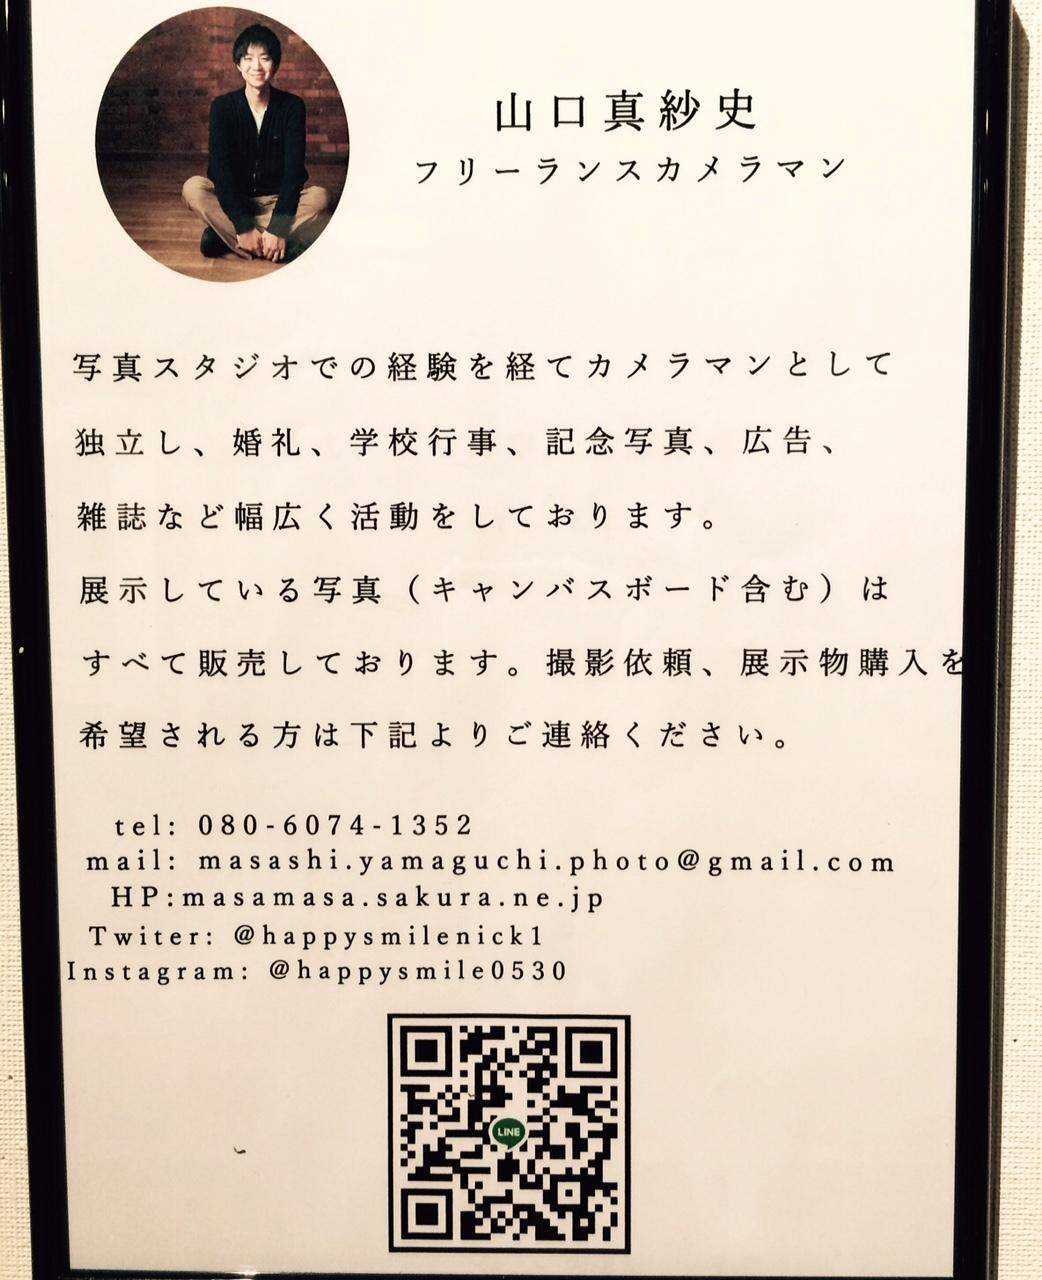 5月のミニギャラリーは山口 真紗史さんです_c0227664_15422299.jpg